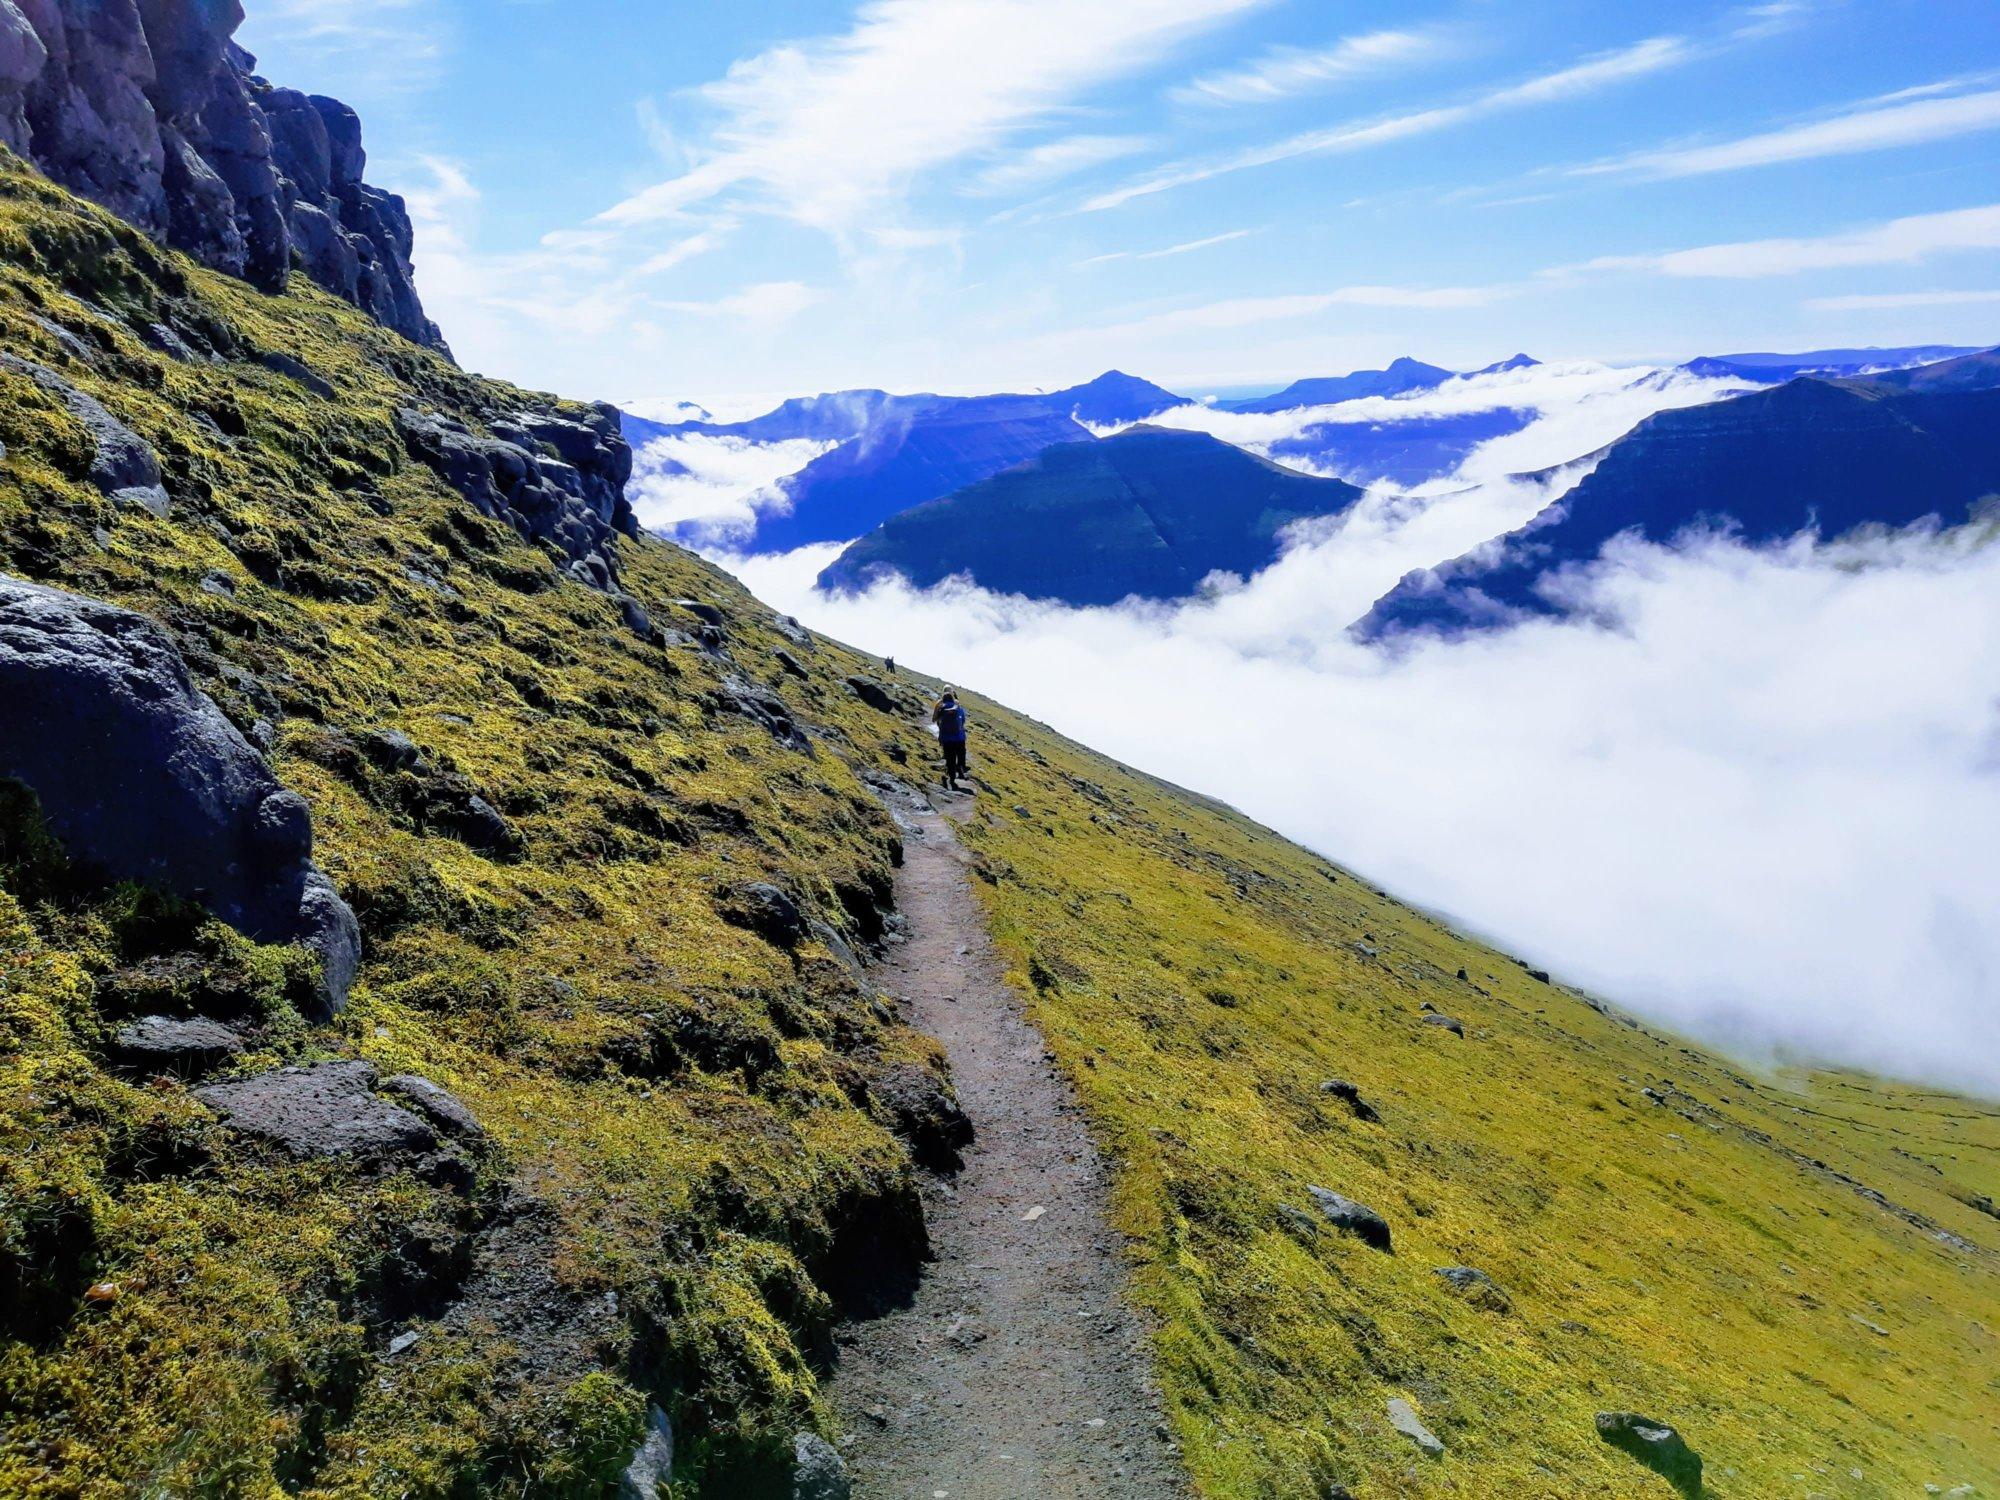 Szlak na najwyższą górę Wysp Owczych